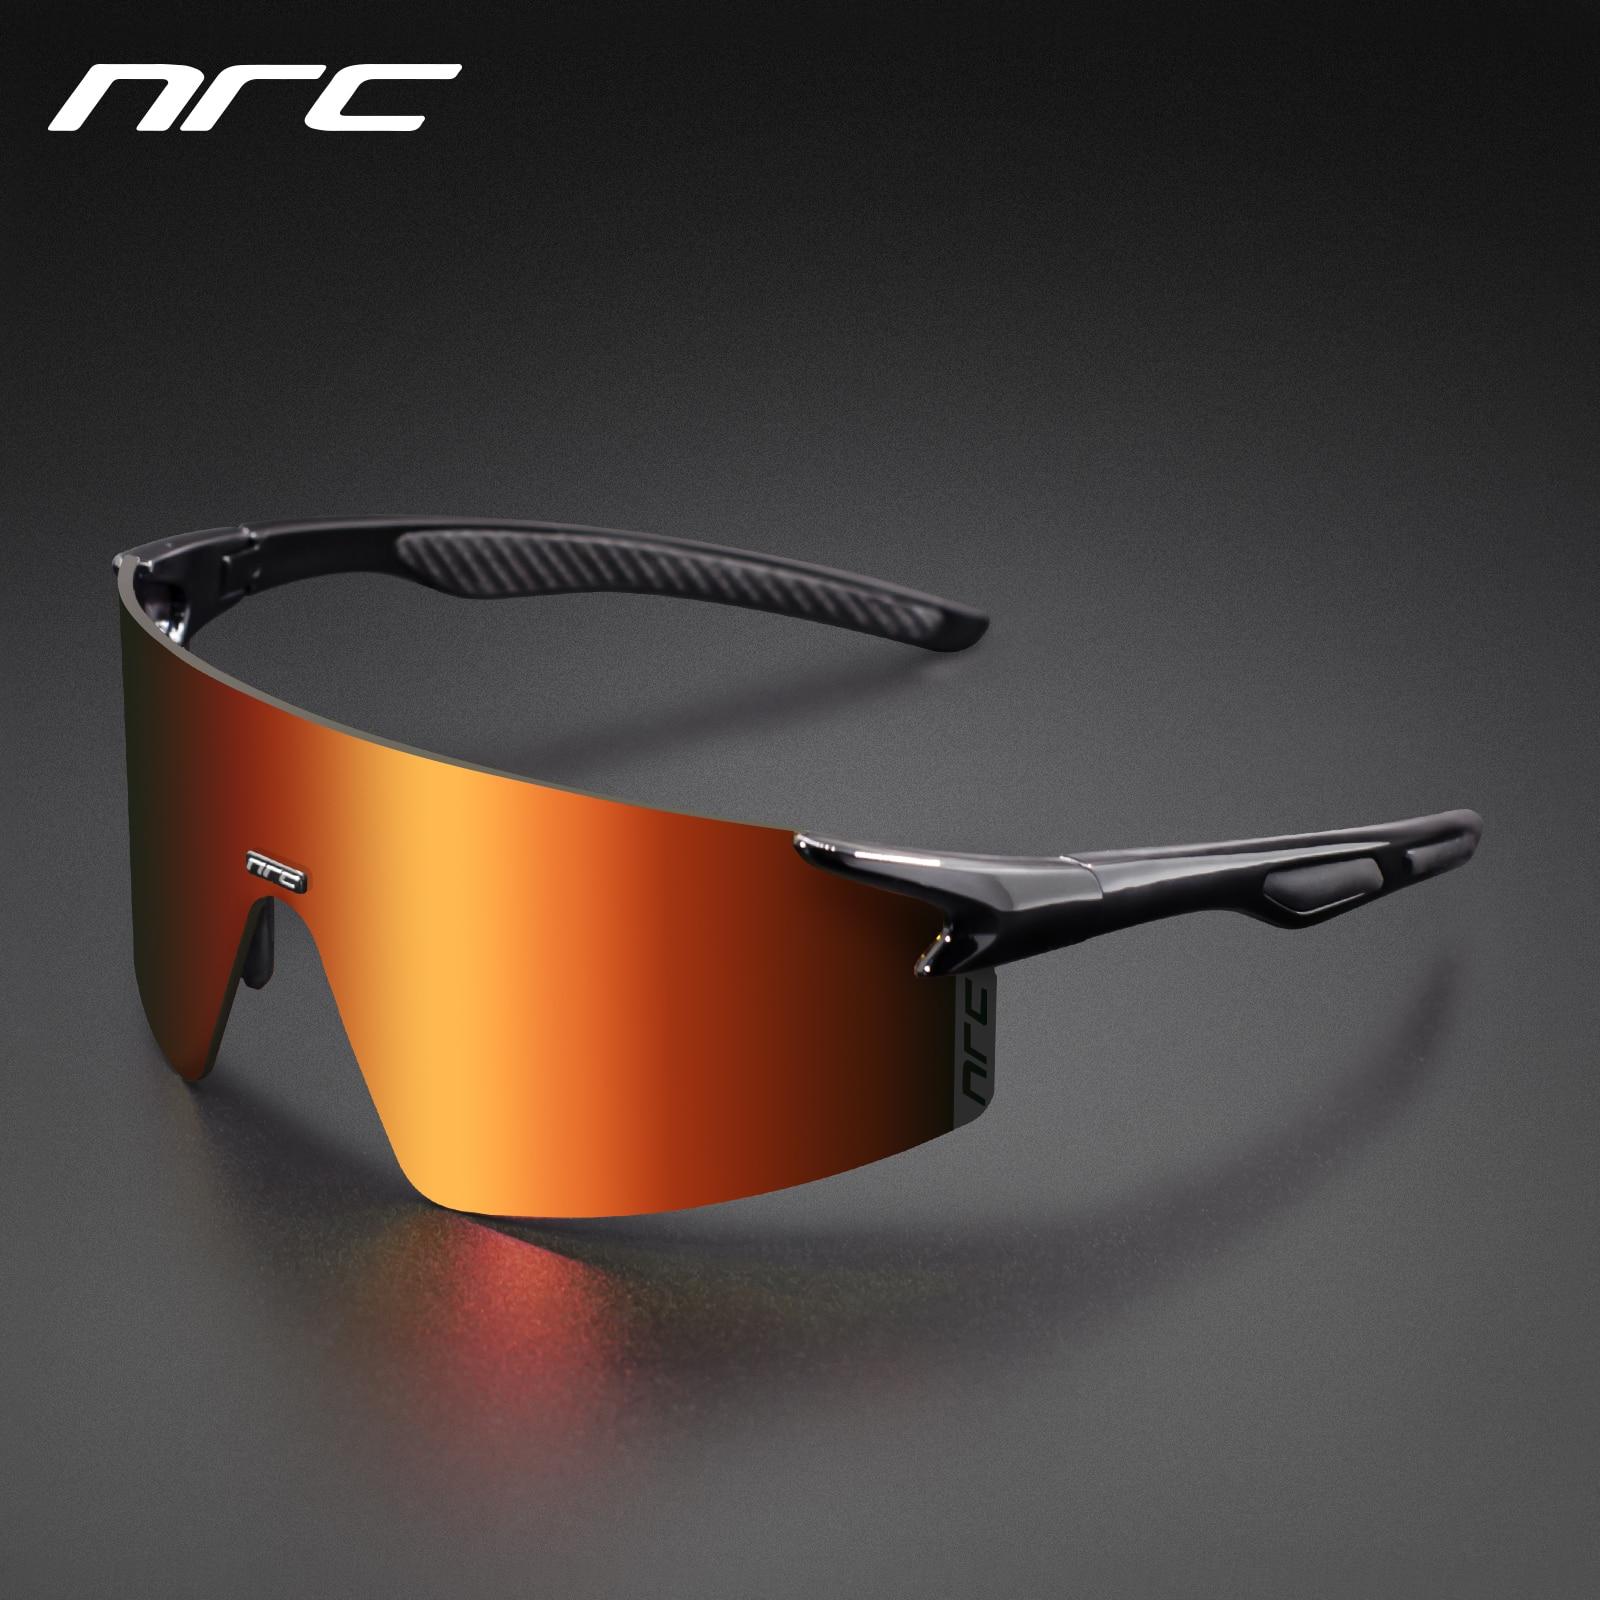 NRC 3 Lens UV400 occhiali da ciclismo TR90 sport occhiali da bicicletta MTB Mountain Bike pesca escursionismo equitazione occhiali per uomo donna 1